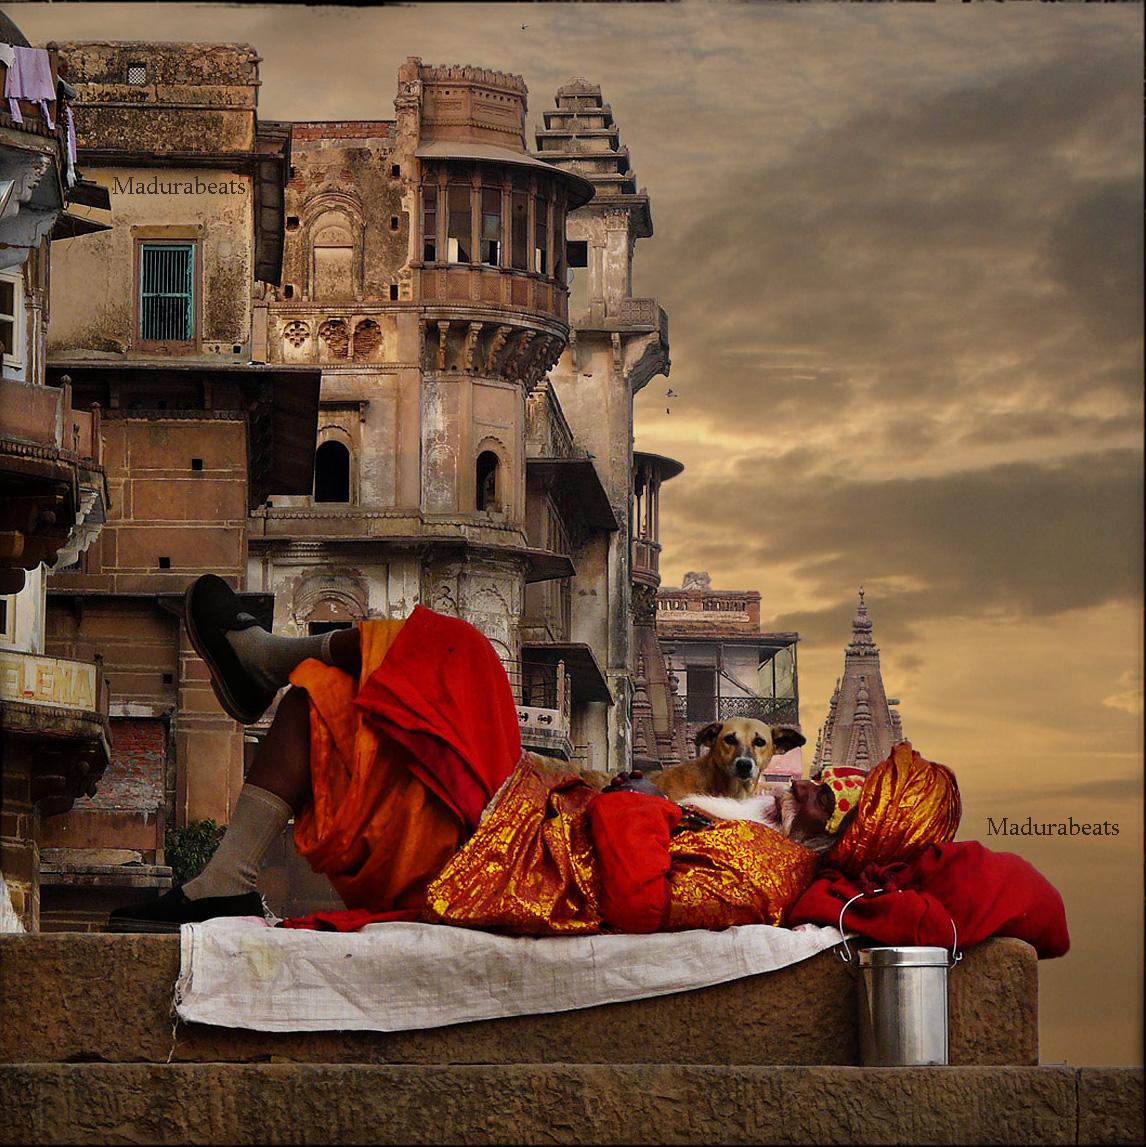 http://2.bp.blogspot.com/_z4BcYVnVAso/TP3ZY6tYZlI/AAAAAAAAAsQ/8mn5aXwEgBo/s1600/Varanasi_Ganges_sleeping_man.jpg